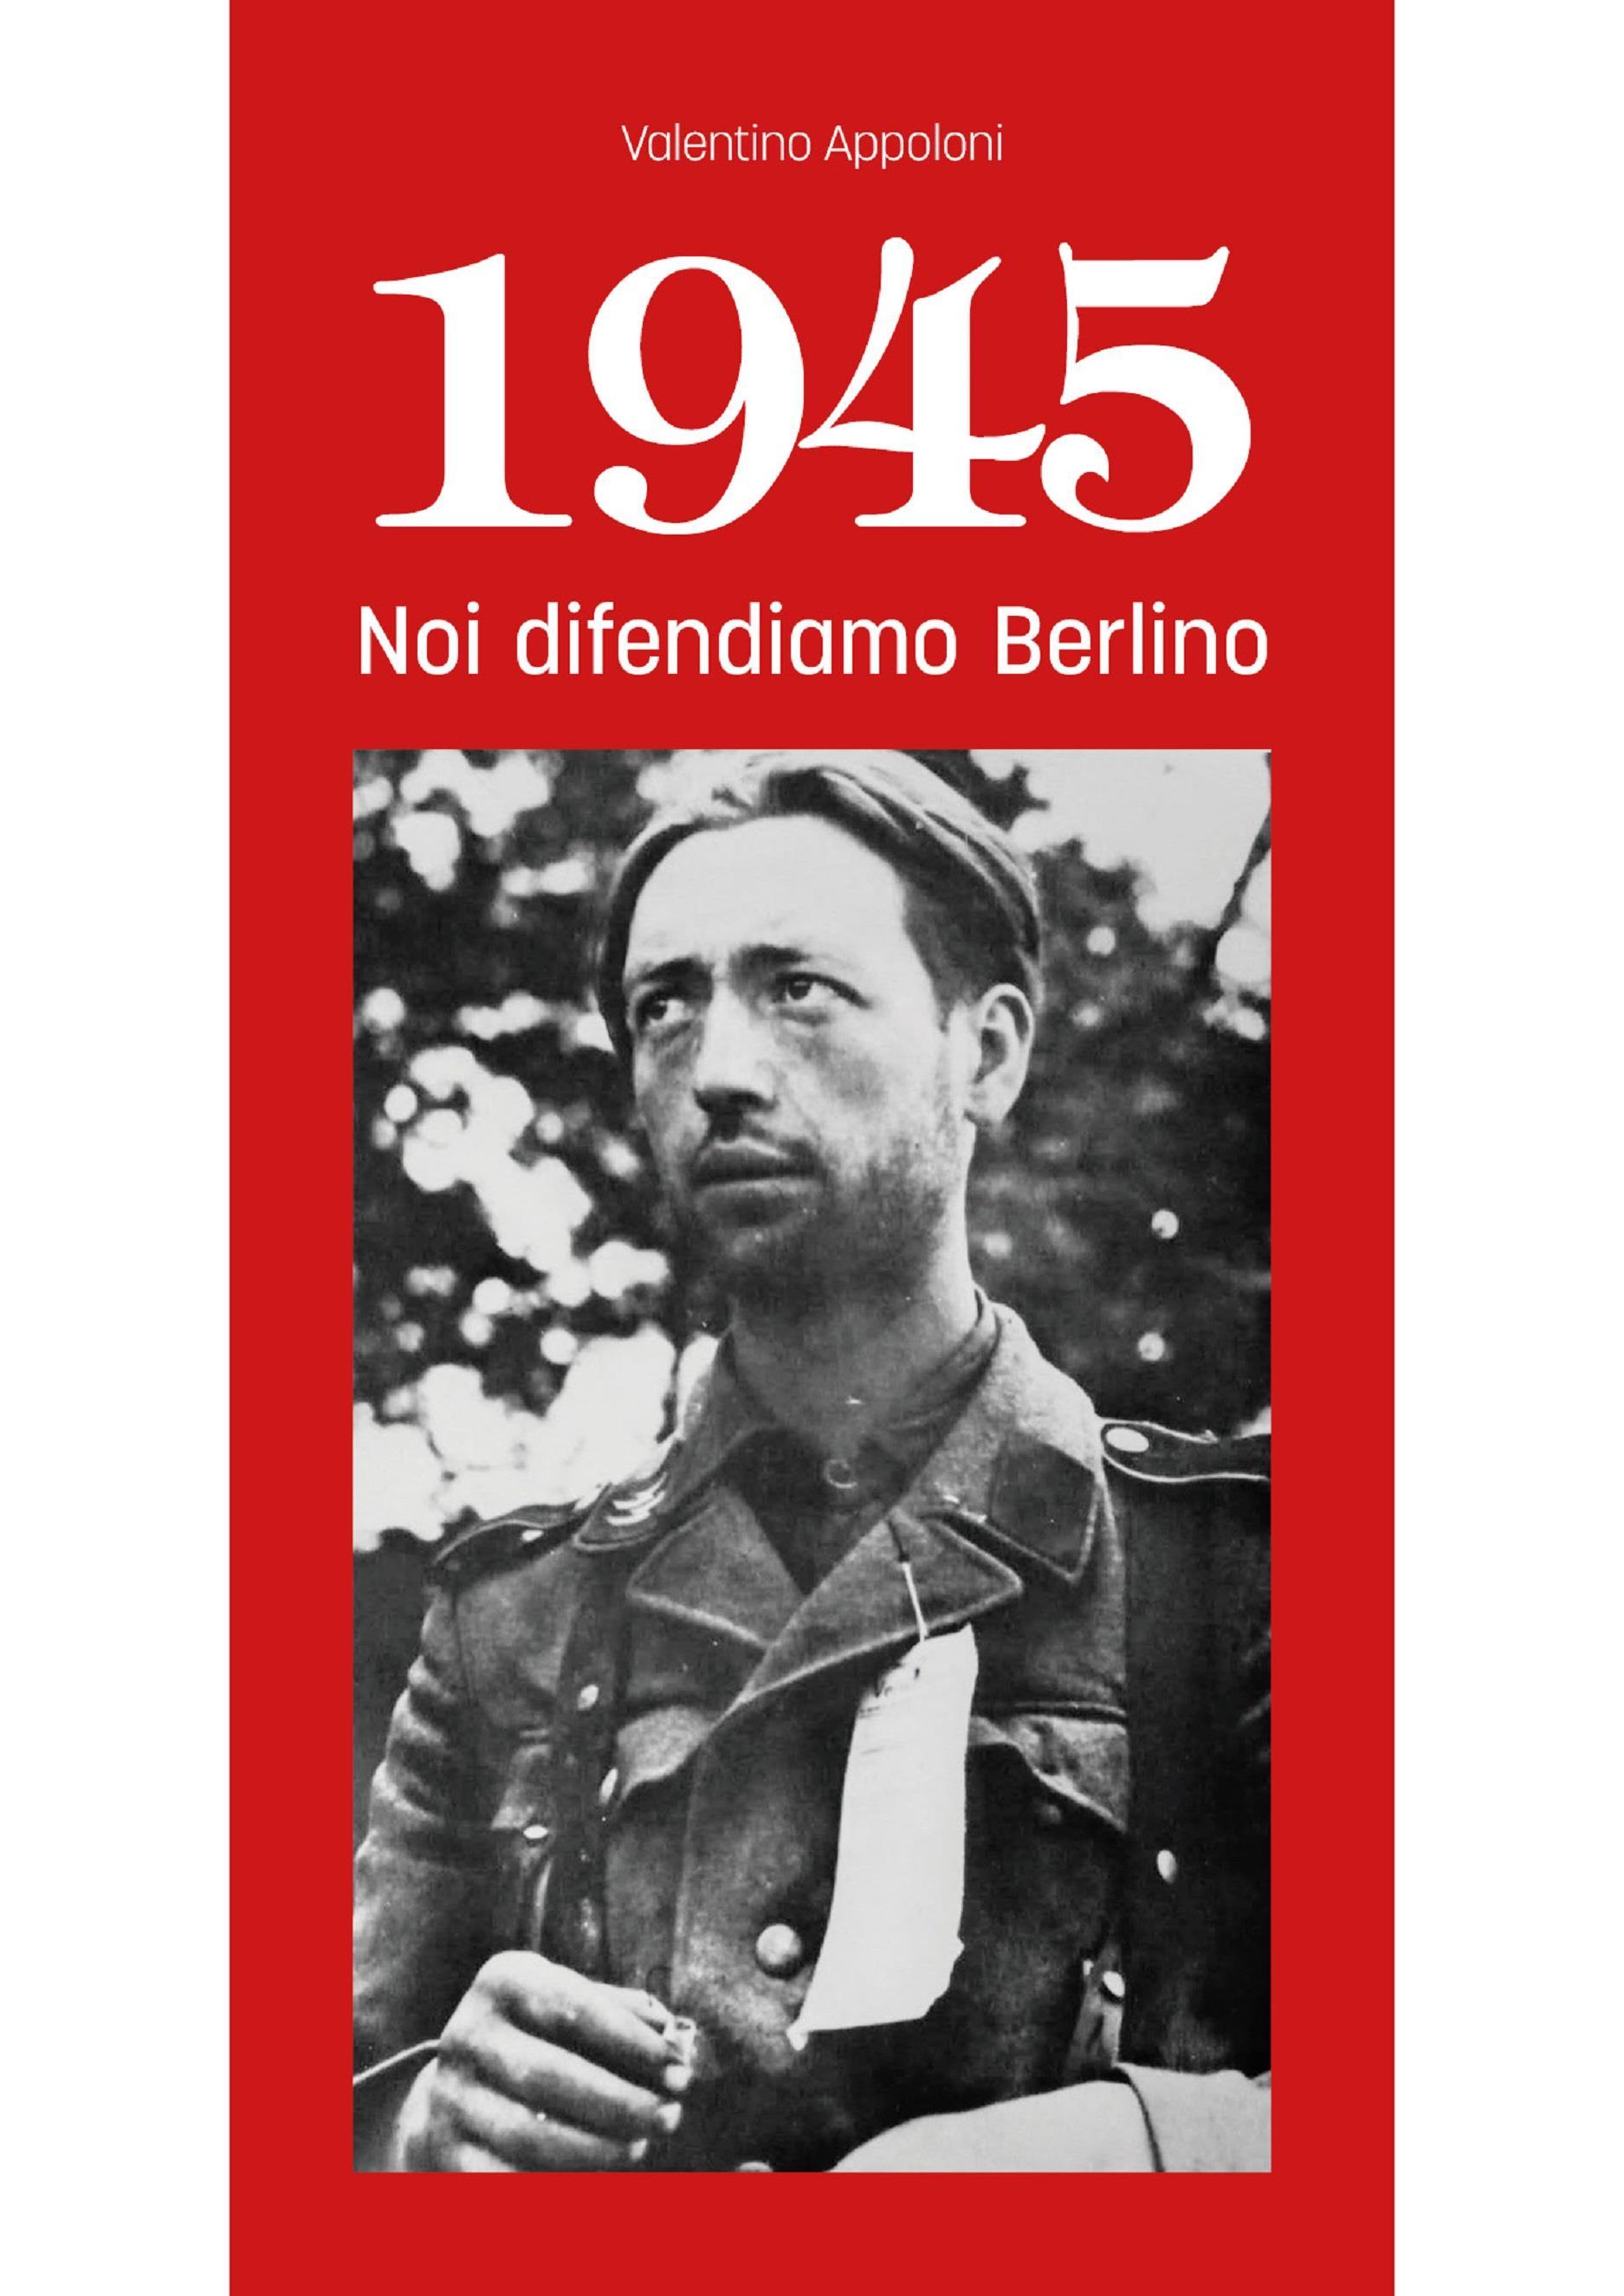 1945 Noi difendiamo Berlino